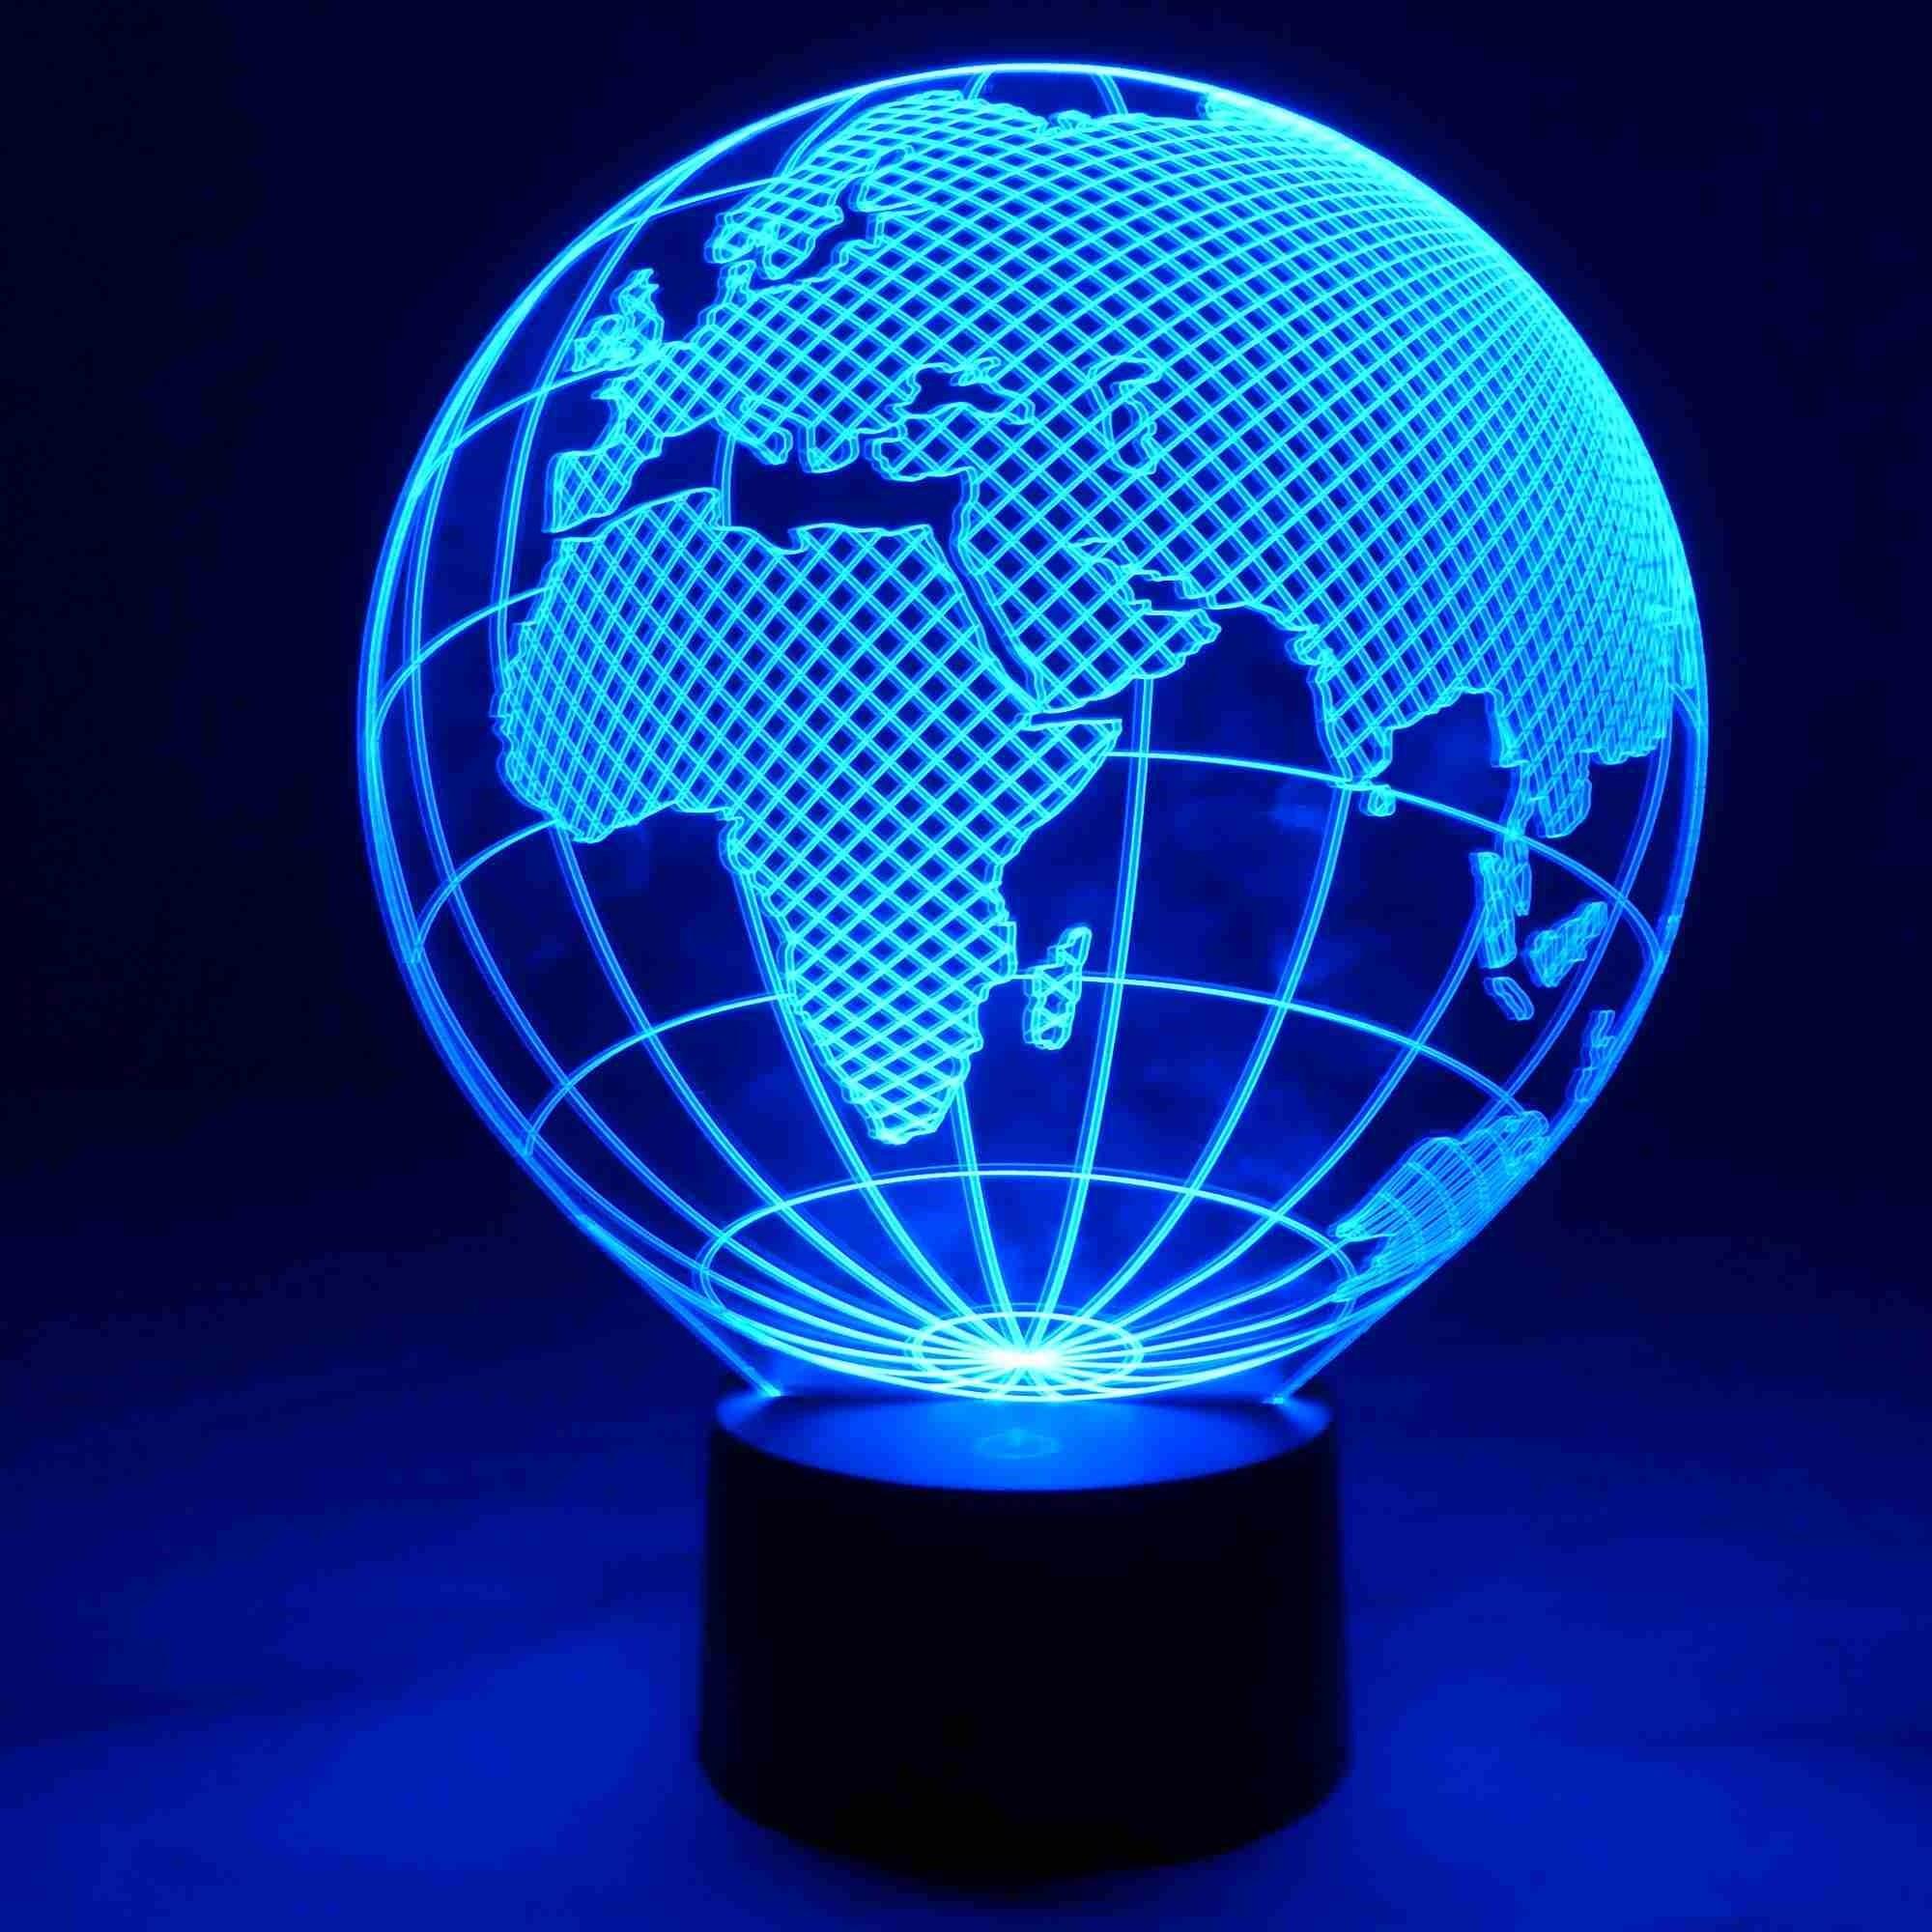 Blickfang Weltkugel 3d Sammlung Von Led Lampe